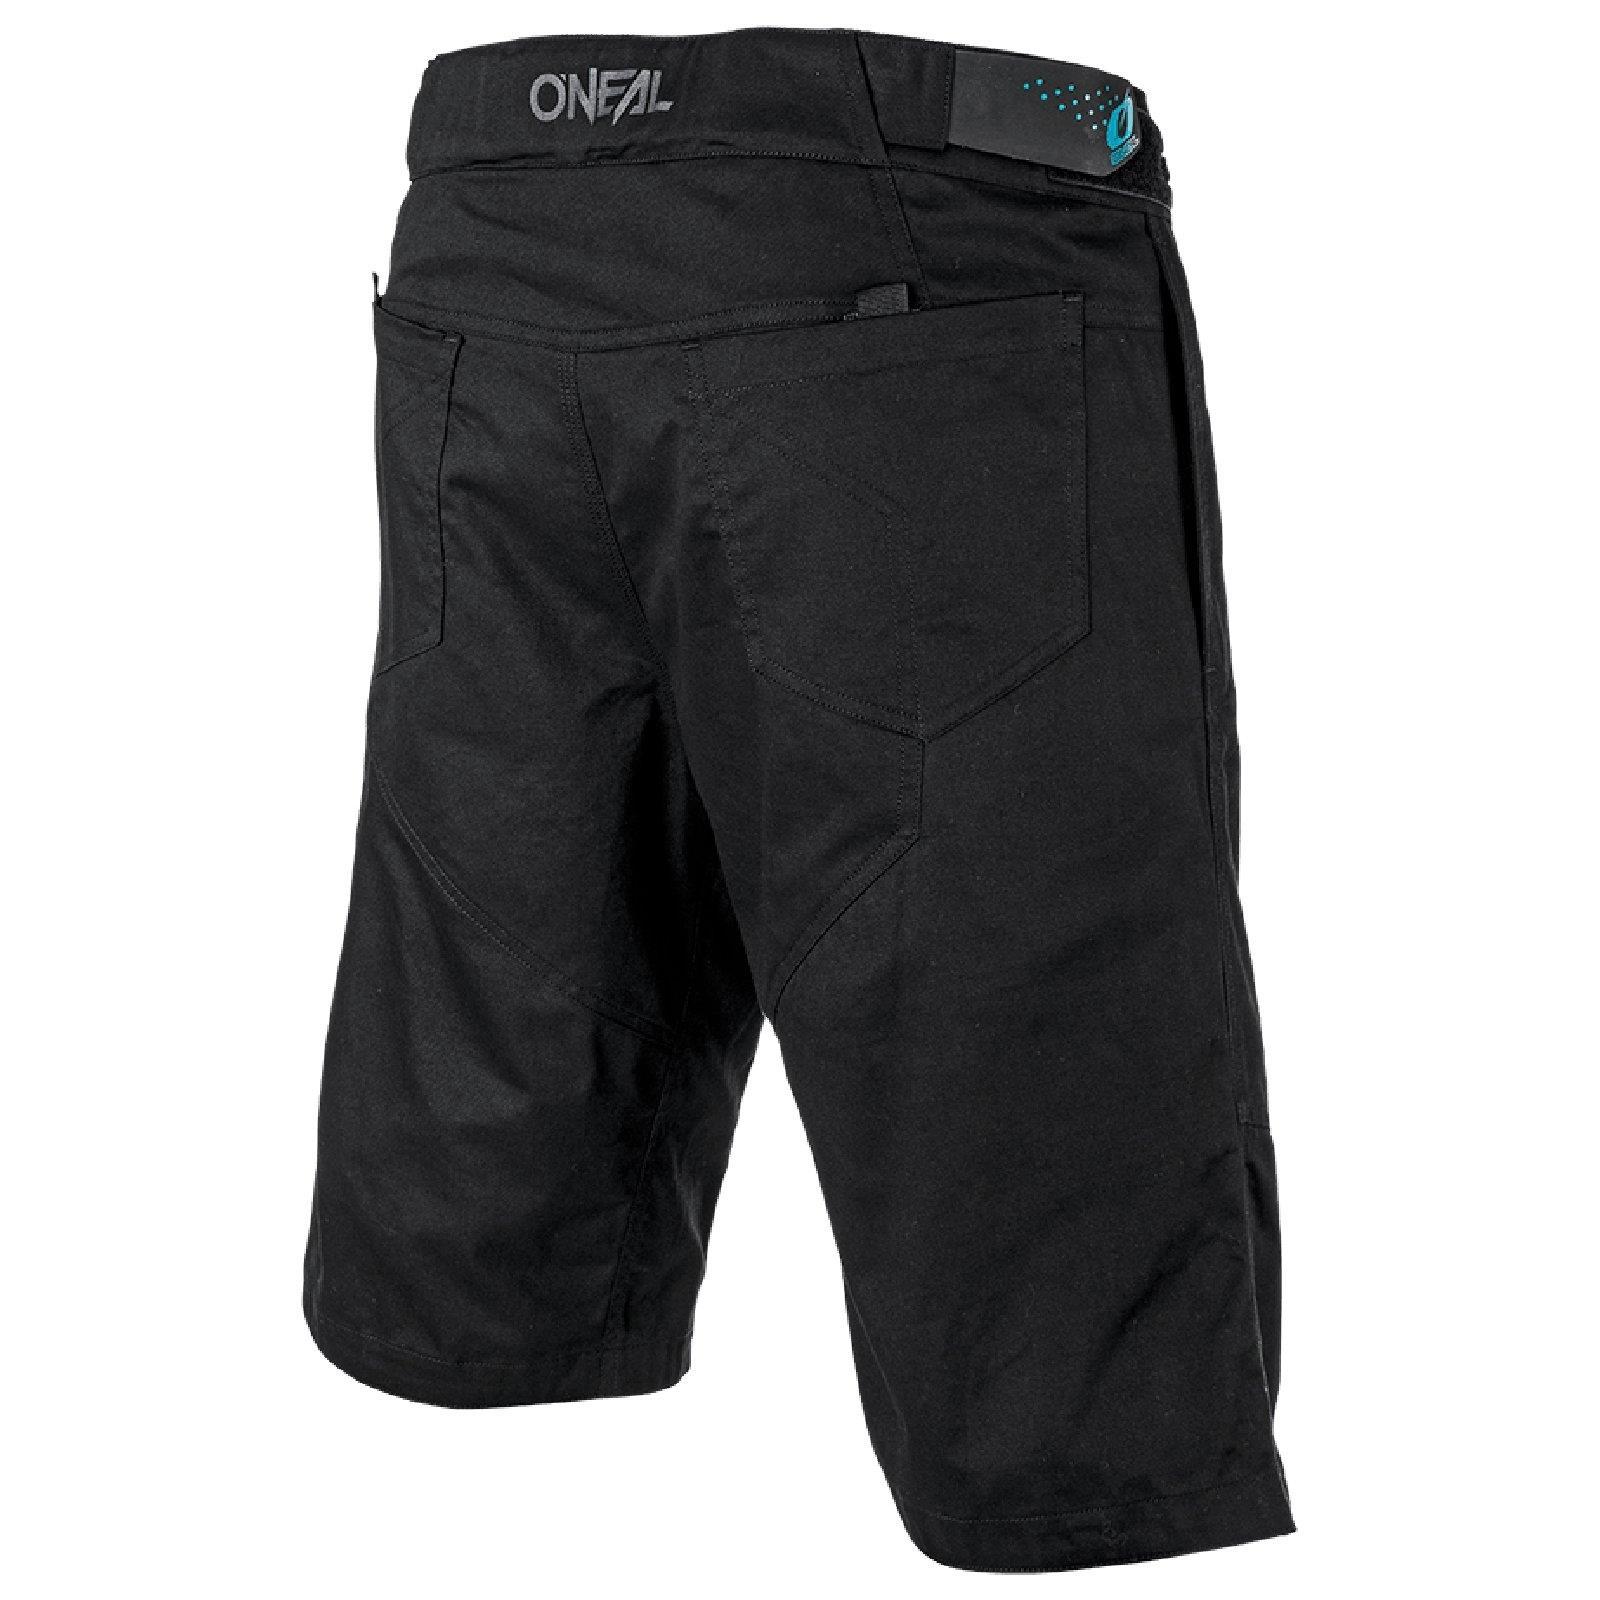 ONeal All Hose Mountain Bike Cargo Shorts MTB Hose All Kurz Fahrrad DH Downhill Trail b75561